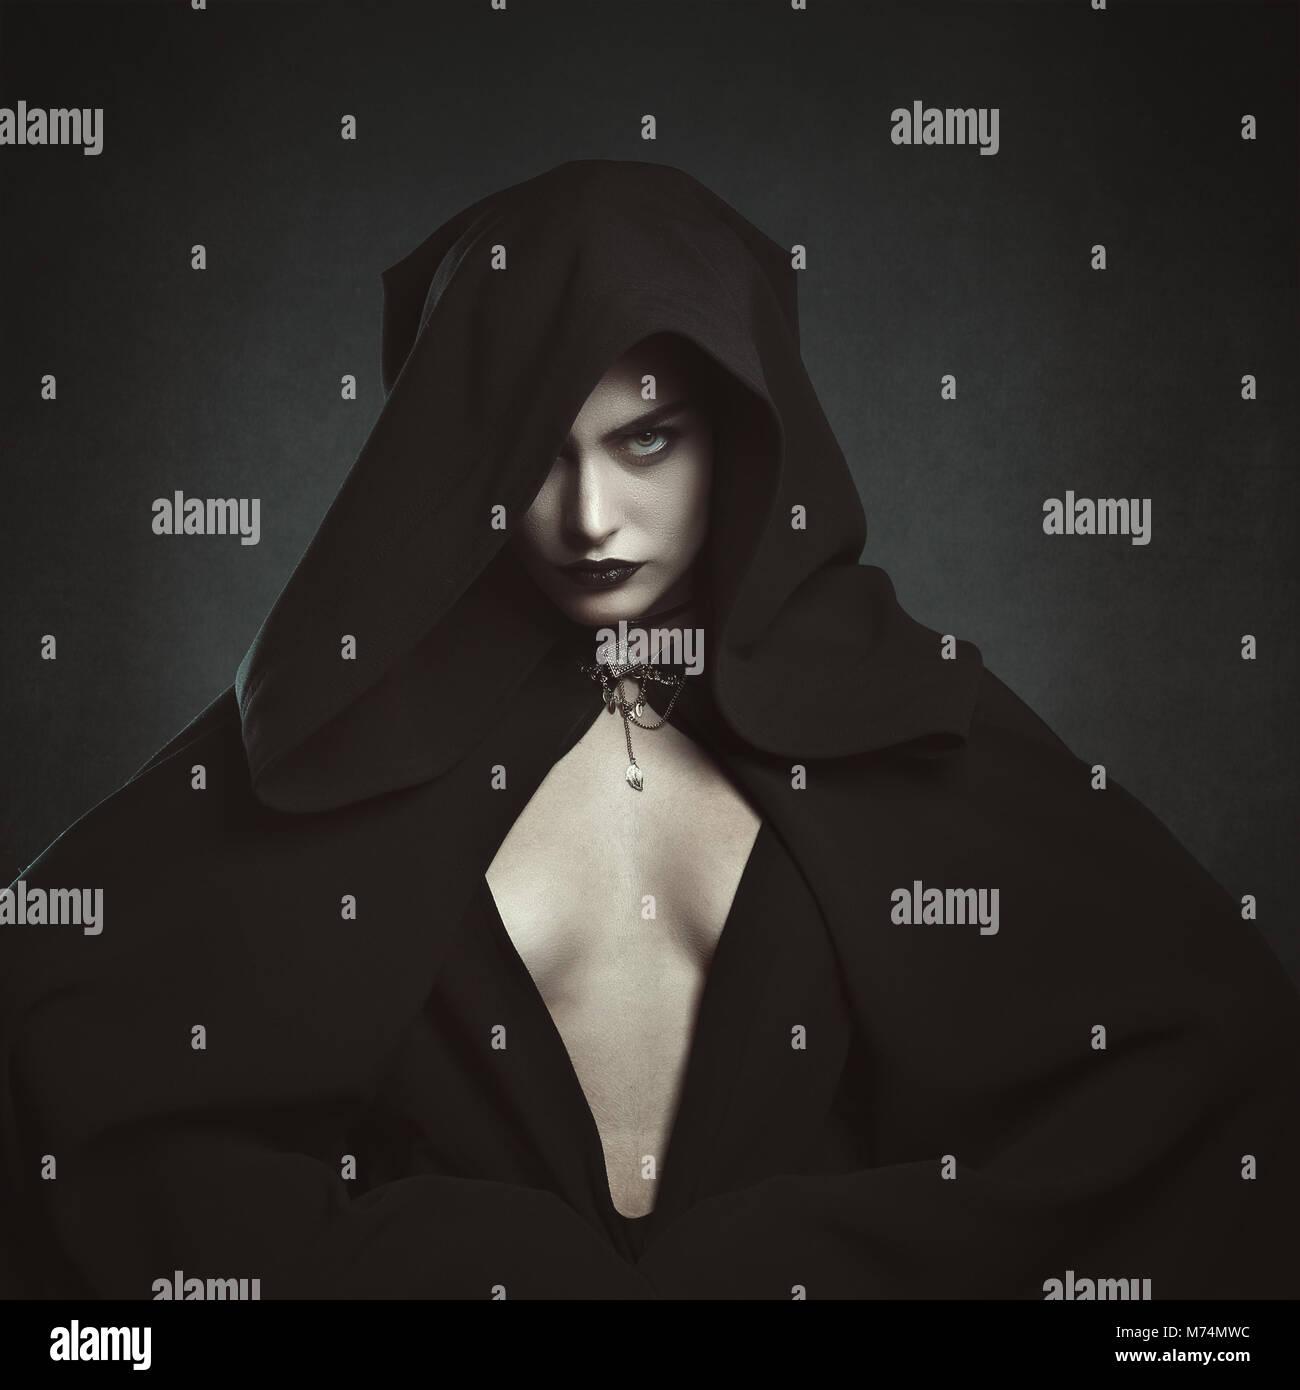 Misteriosa mujer vampiro encapuchado. Y gótica de Halloween Imagen De Stock